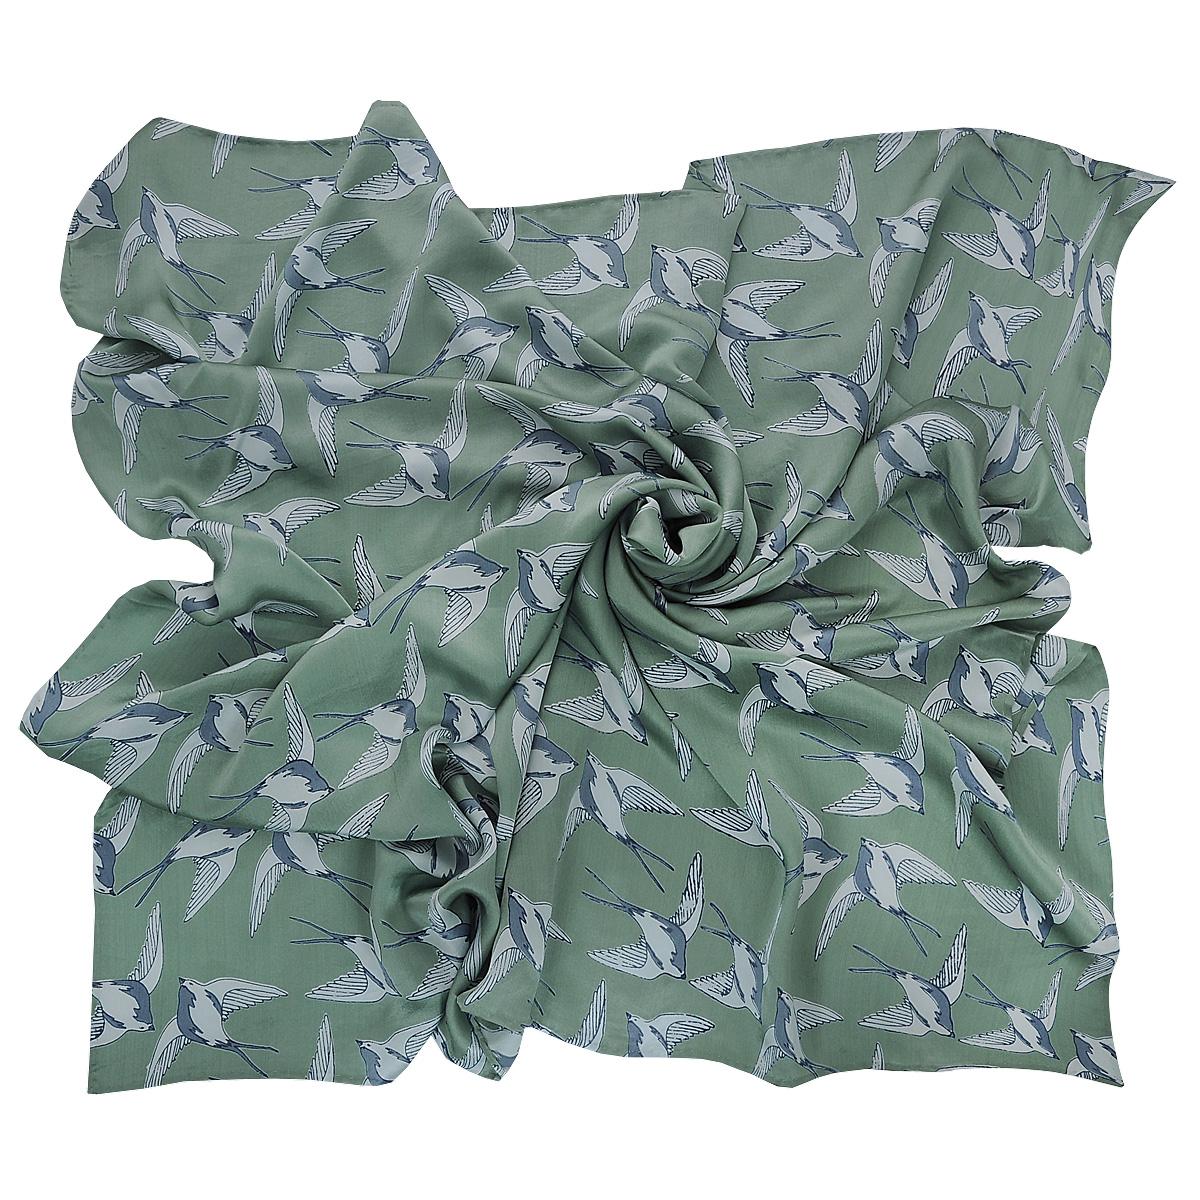 ПлатокSS-DOVEЭлегантный шелковый платок Michel Katana станет изысканным нарядным аксессуаром, который призван подчеркнуть индивидуальность и очарование женщины.